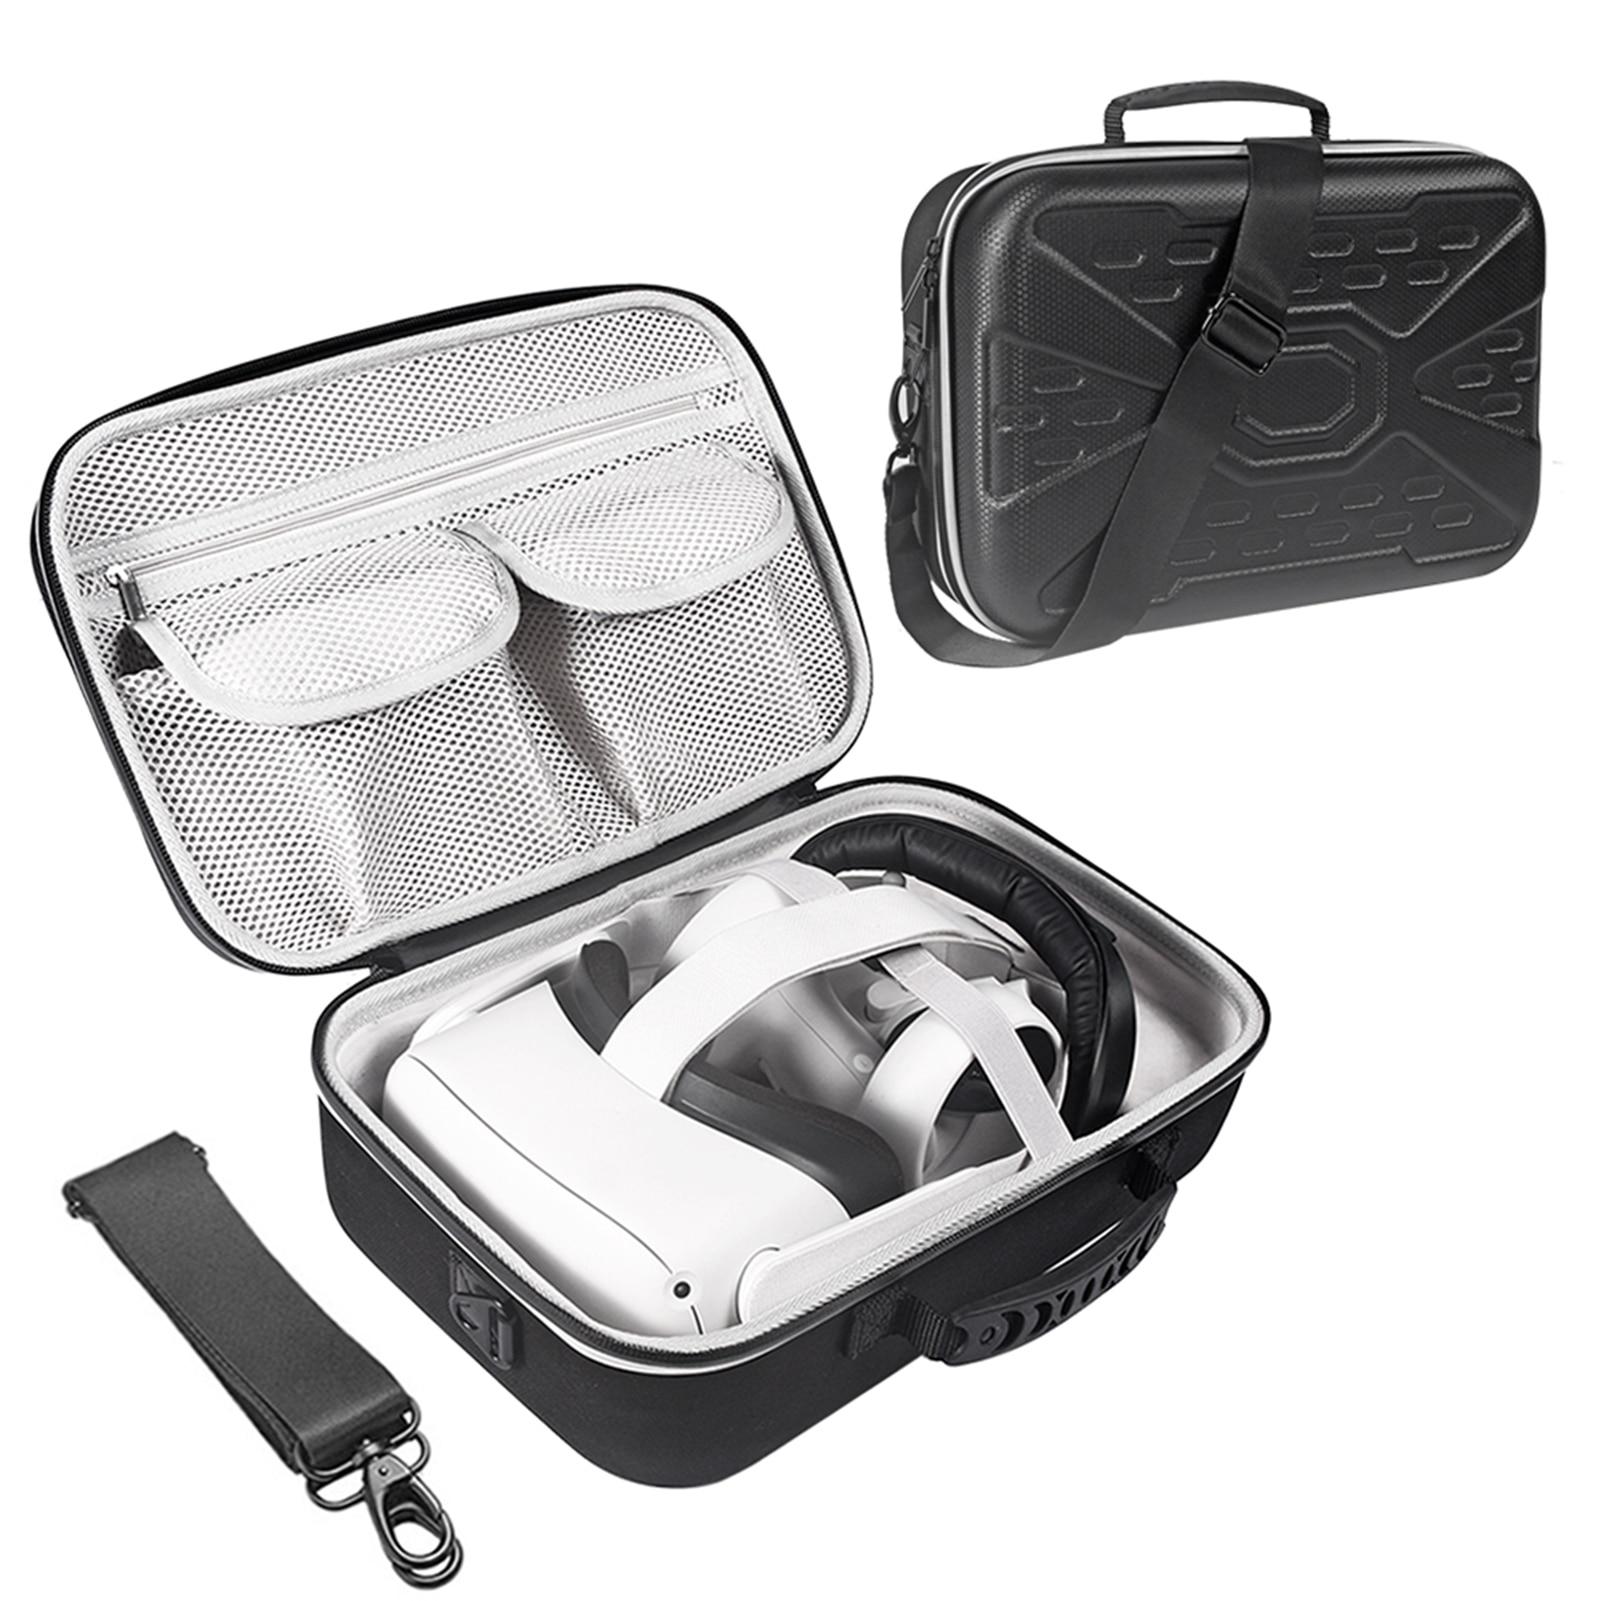 Новая жесткая дорожная защитная коробка EVA, сумка для хранения, чехол для переноски Oculus Quest 2/Oculus Quest, все в одном VR и аксессуары